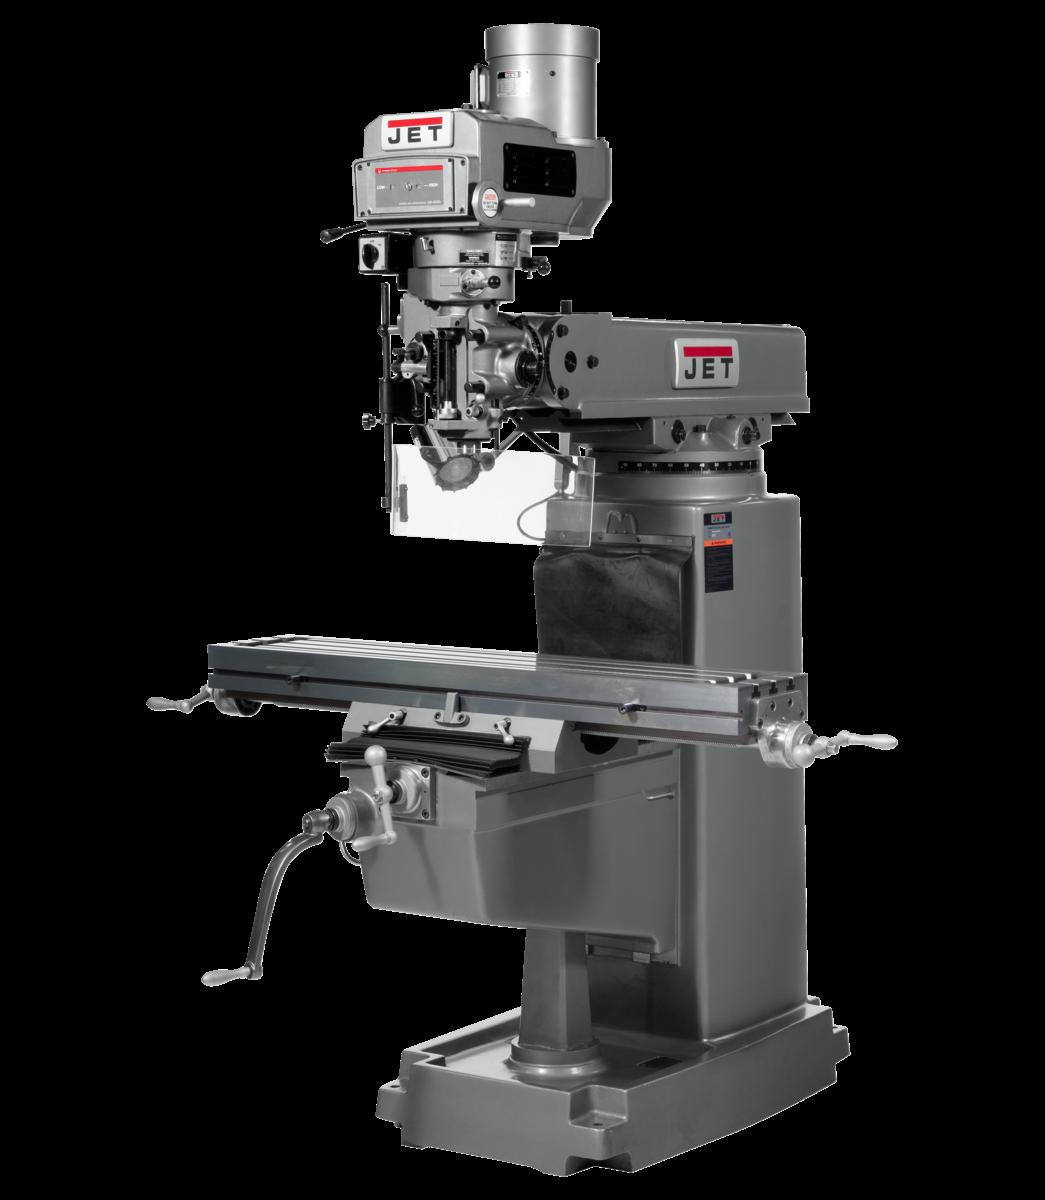 Fresadora JTM-1050 con visualizador de posición digital ACU-RITE 200S de 3 ejes y alimentación automática eje X instalado